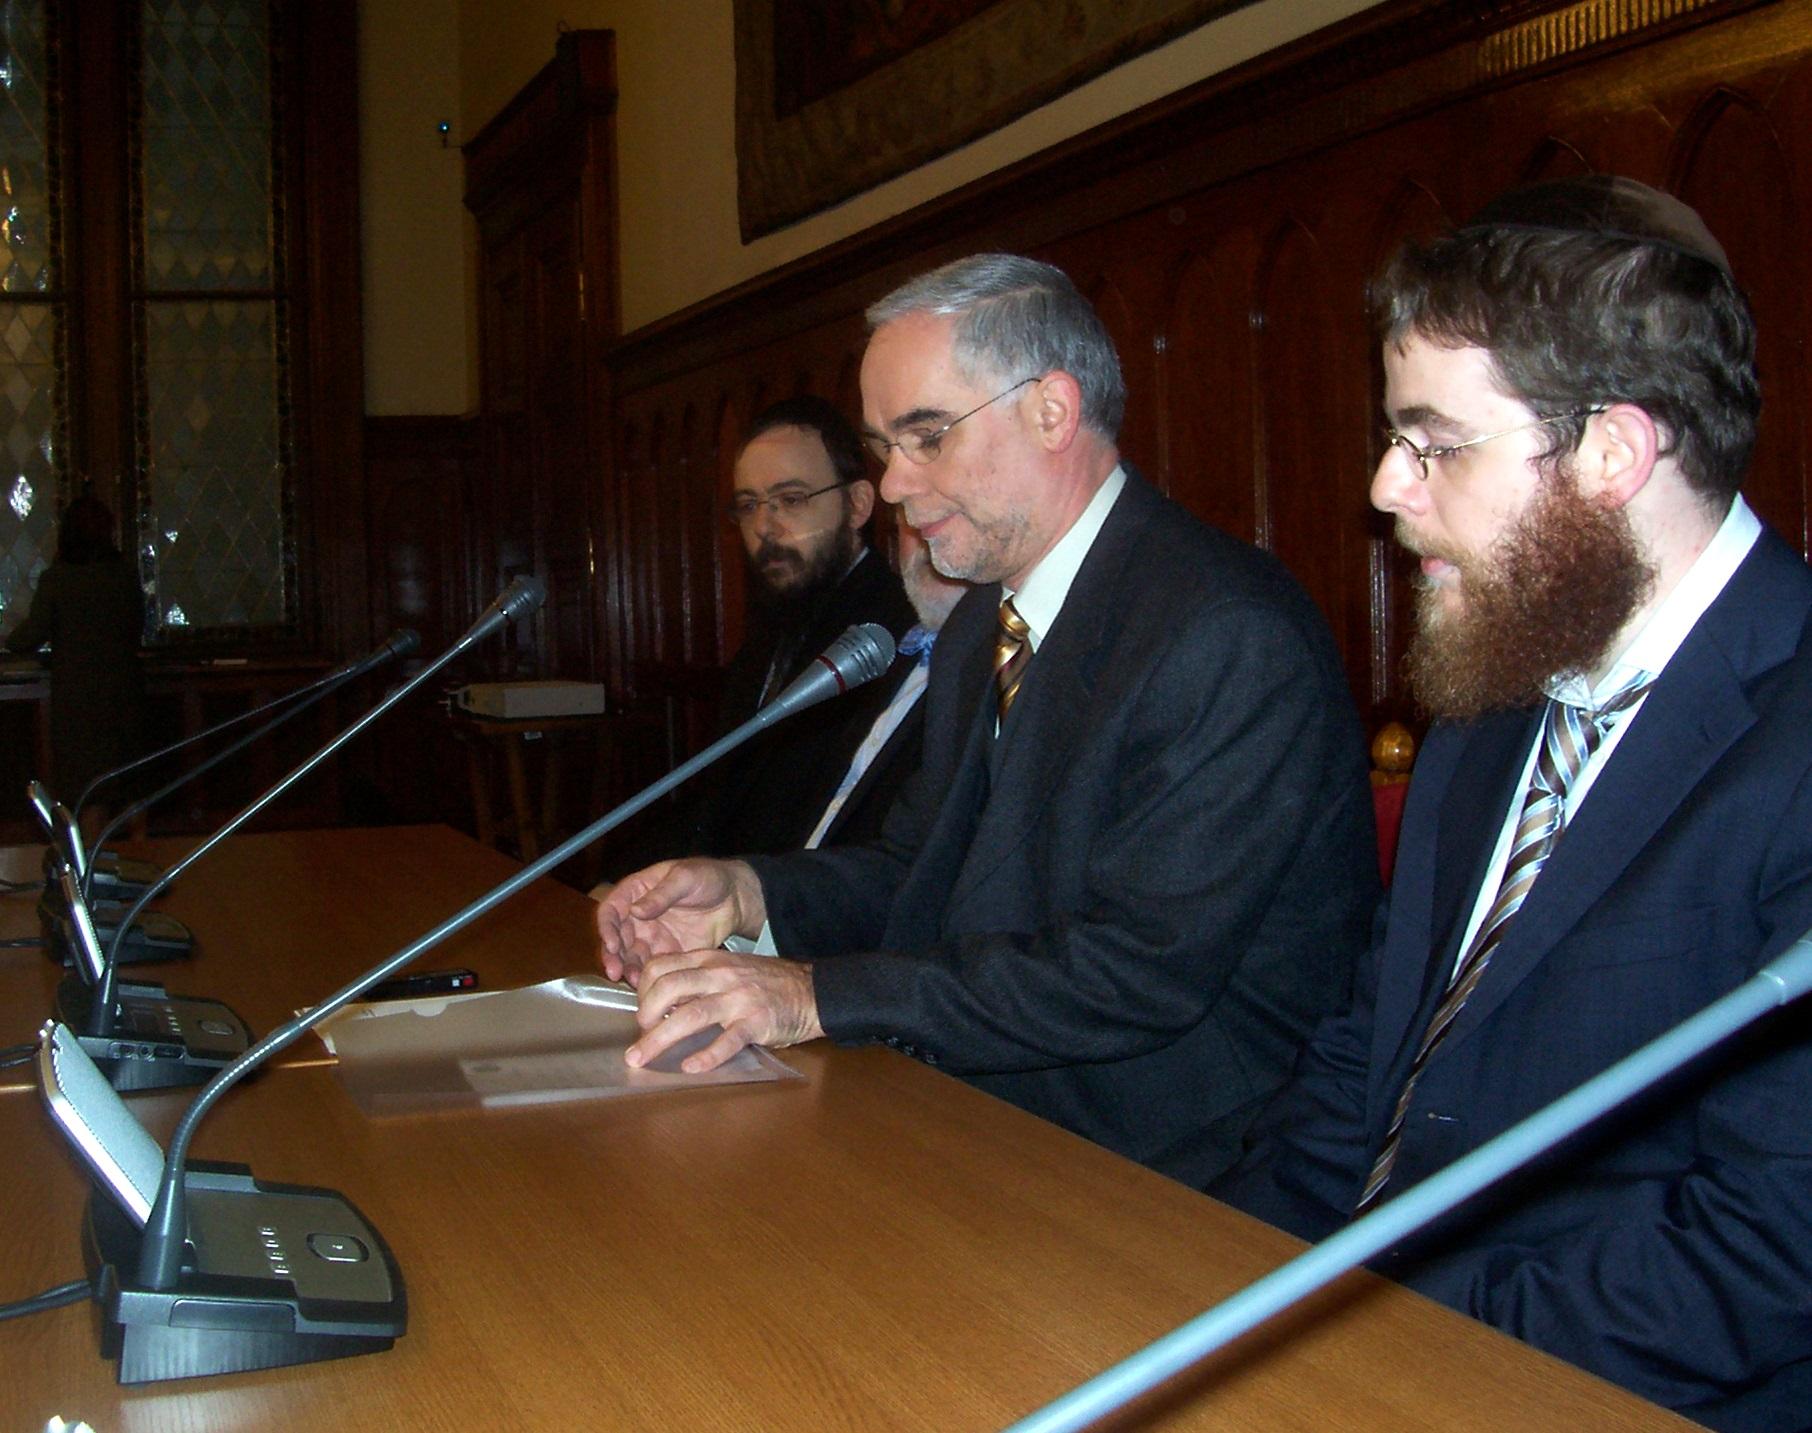 Sajtótájékoztató a Parlamentben, 2009. december 7. 003.jpg